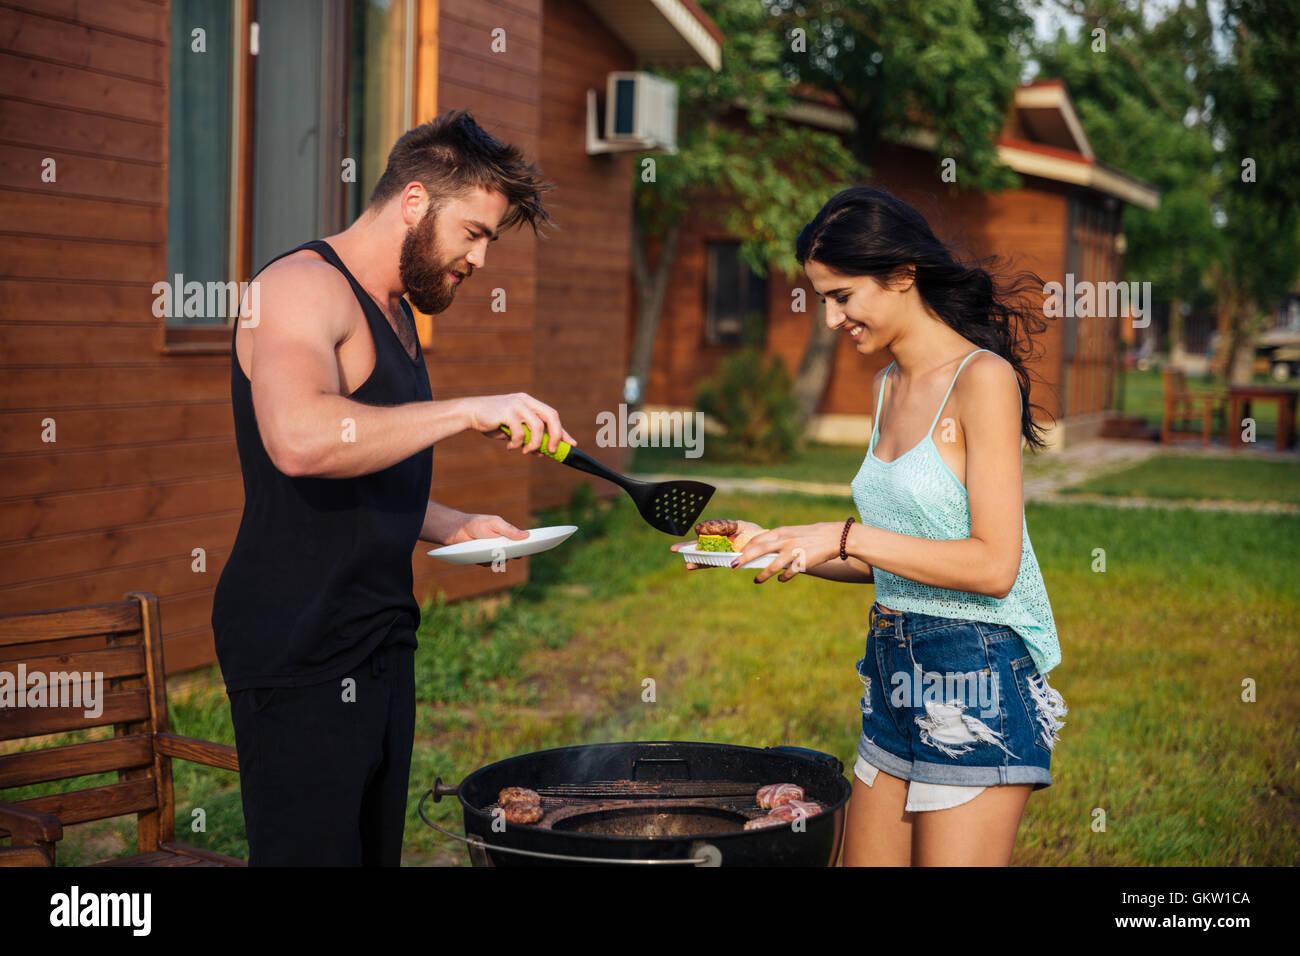 Glückliches junges Paar stehen und Kochen treffen auf Barbecue-Grill im freien Stockbild